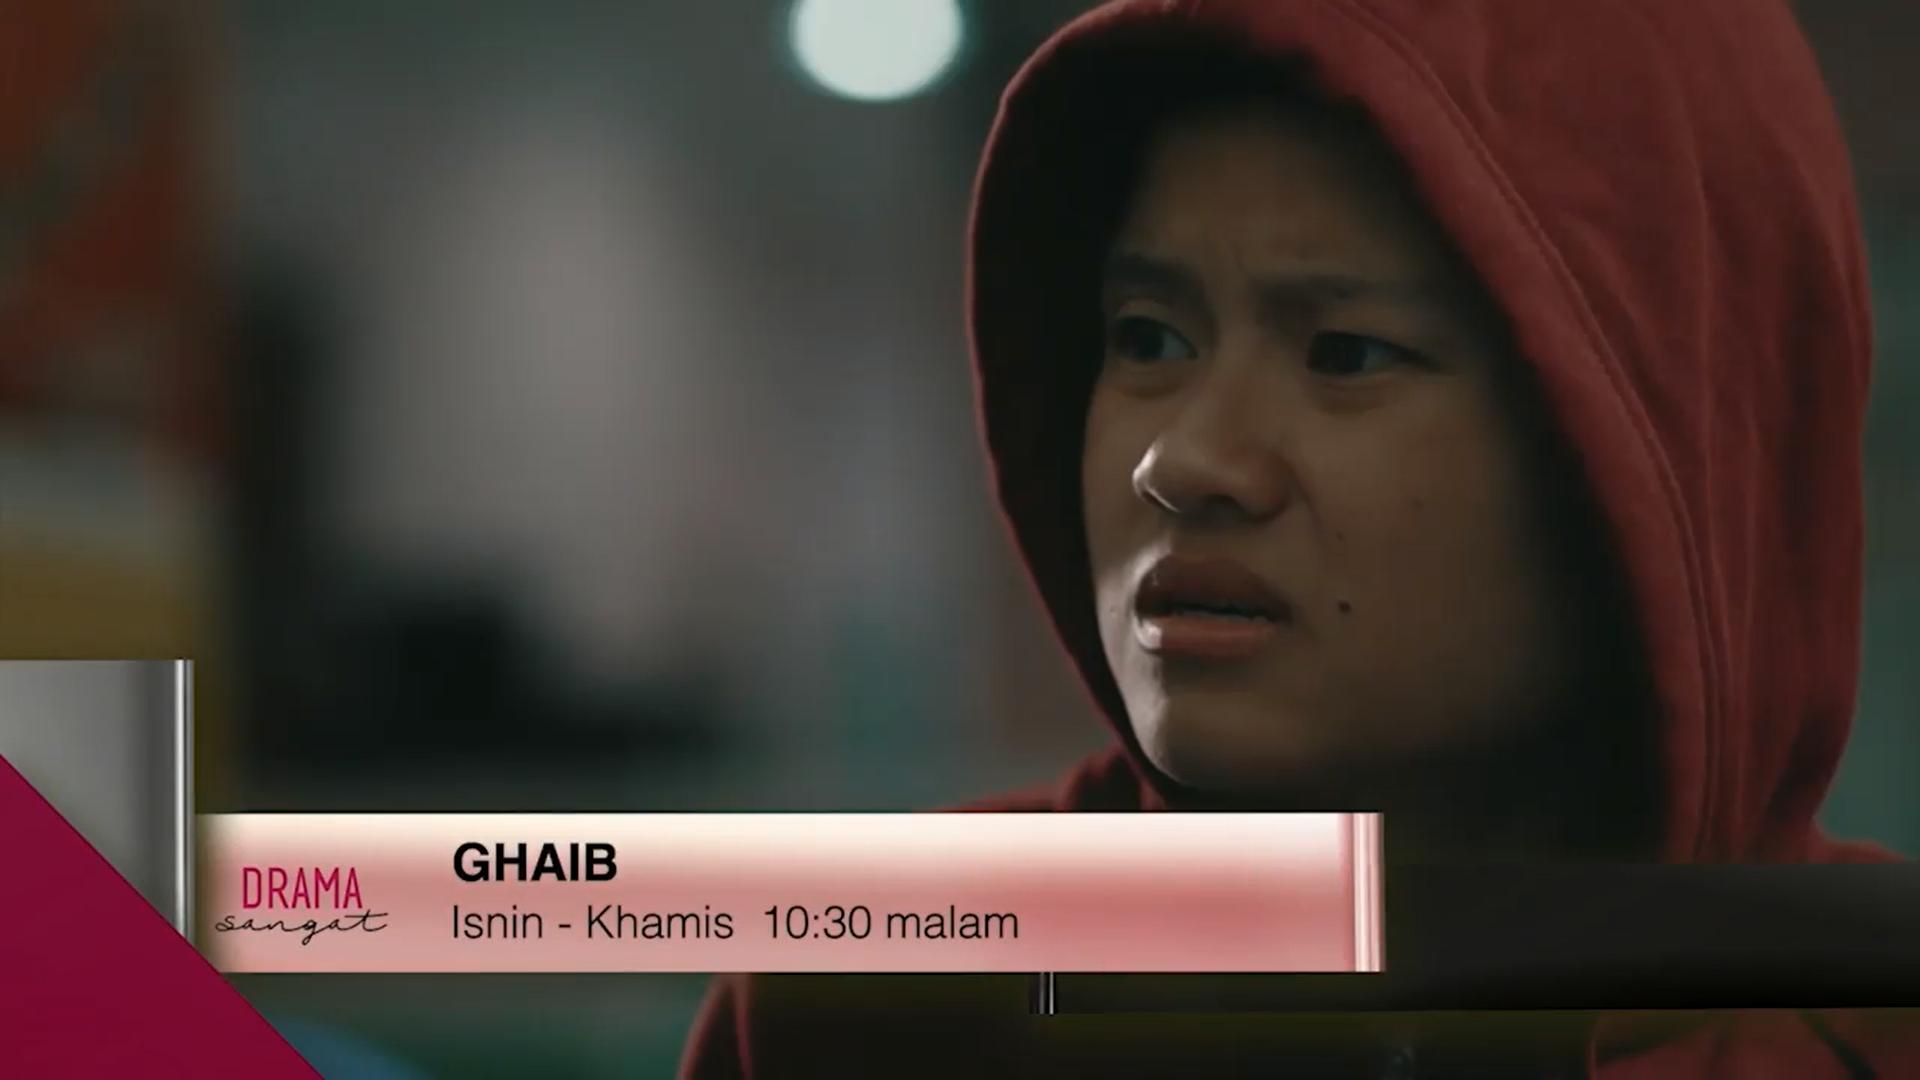 PARA PELAKON DRAMA GHAIB8